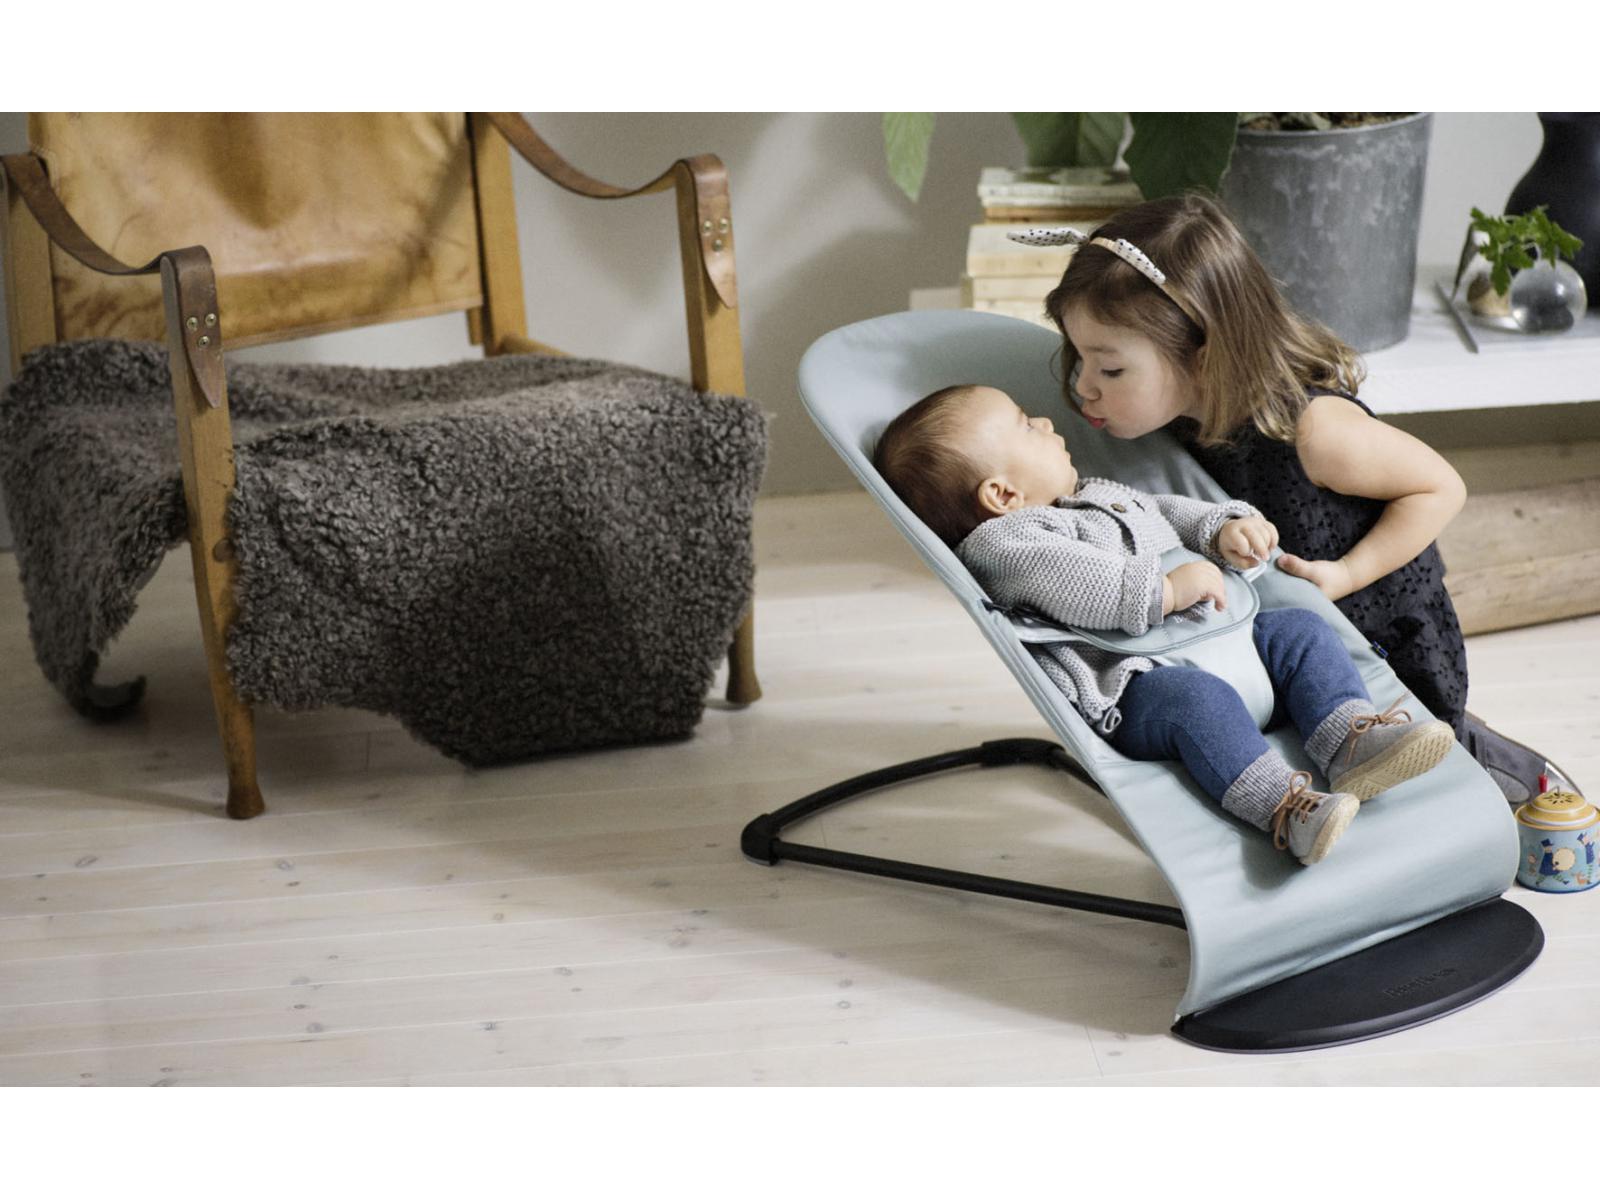 babybjorn transat balance soft babybj rn noir gris fonc. Black Bedroom Furniture Sets. Home Design Ideas